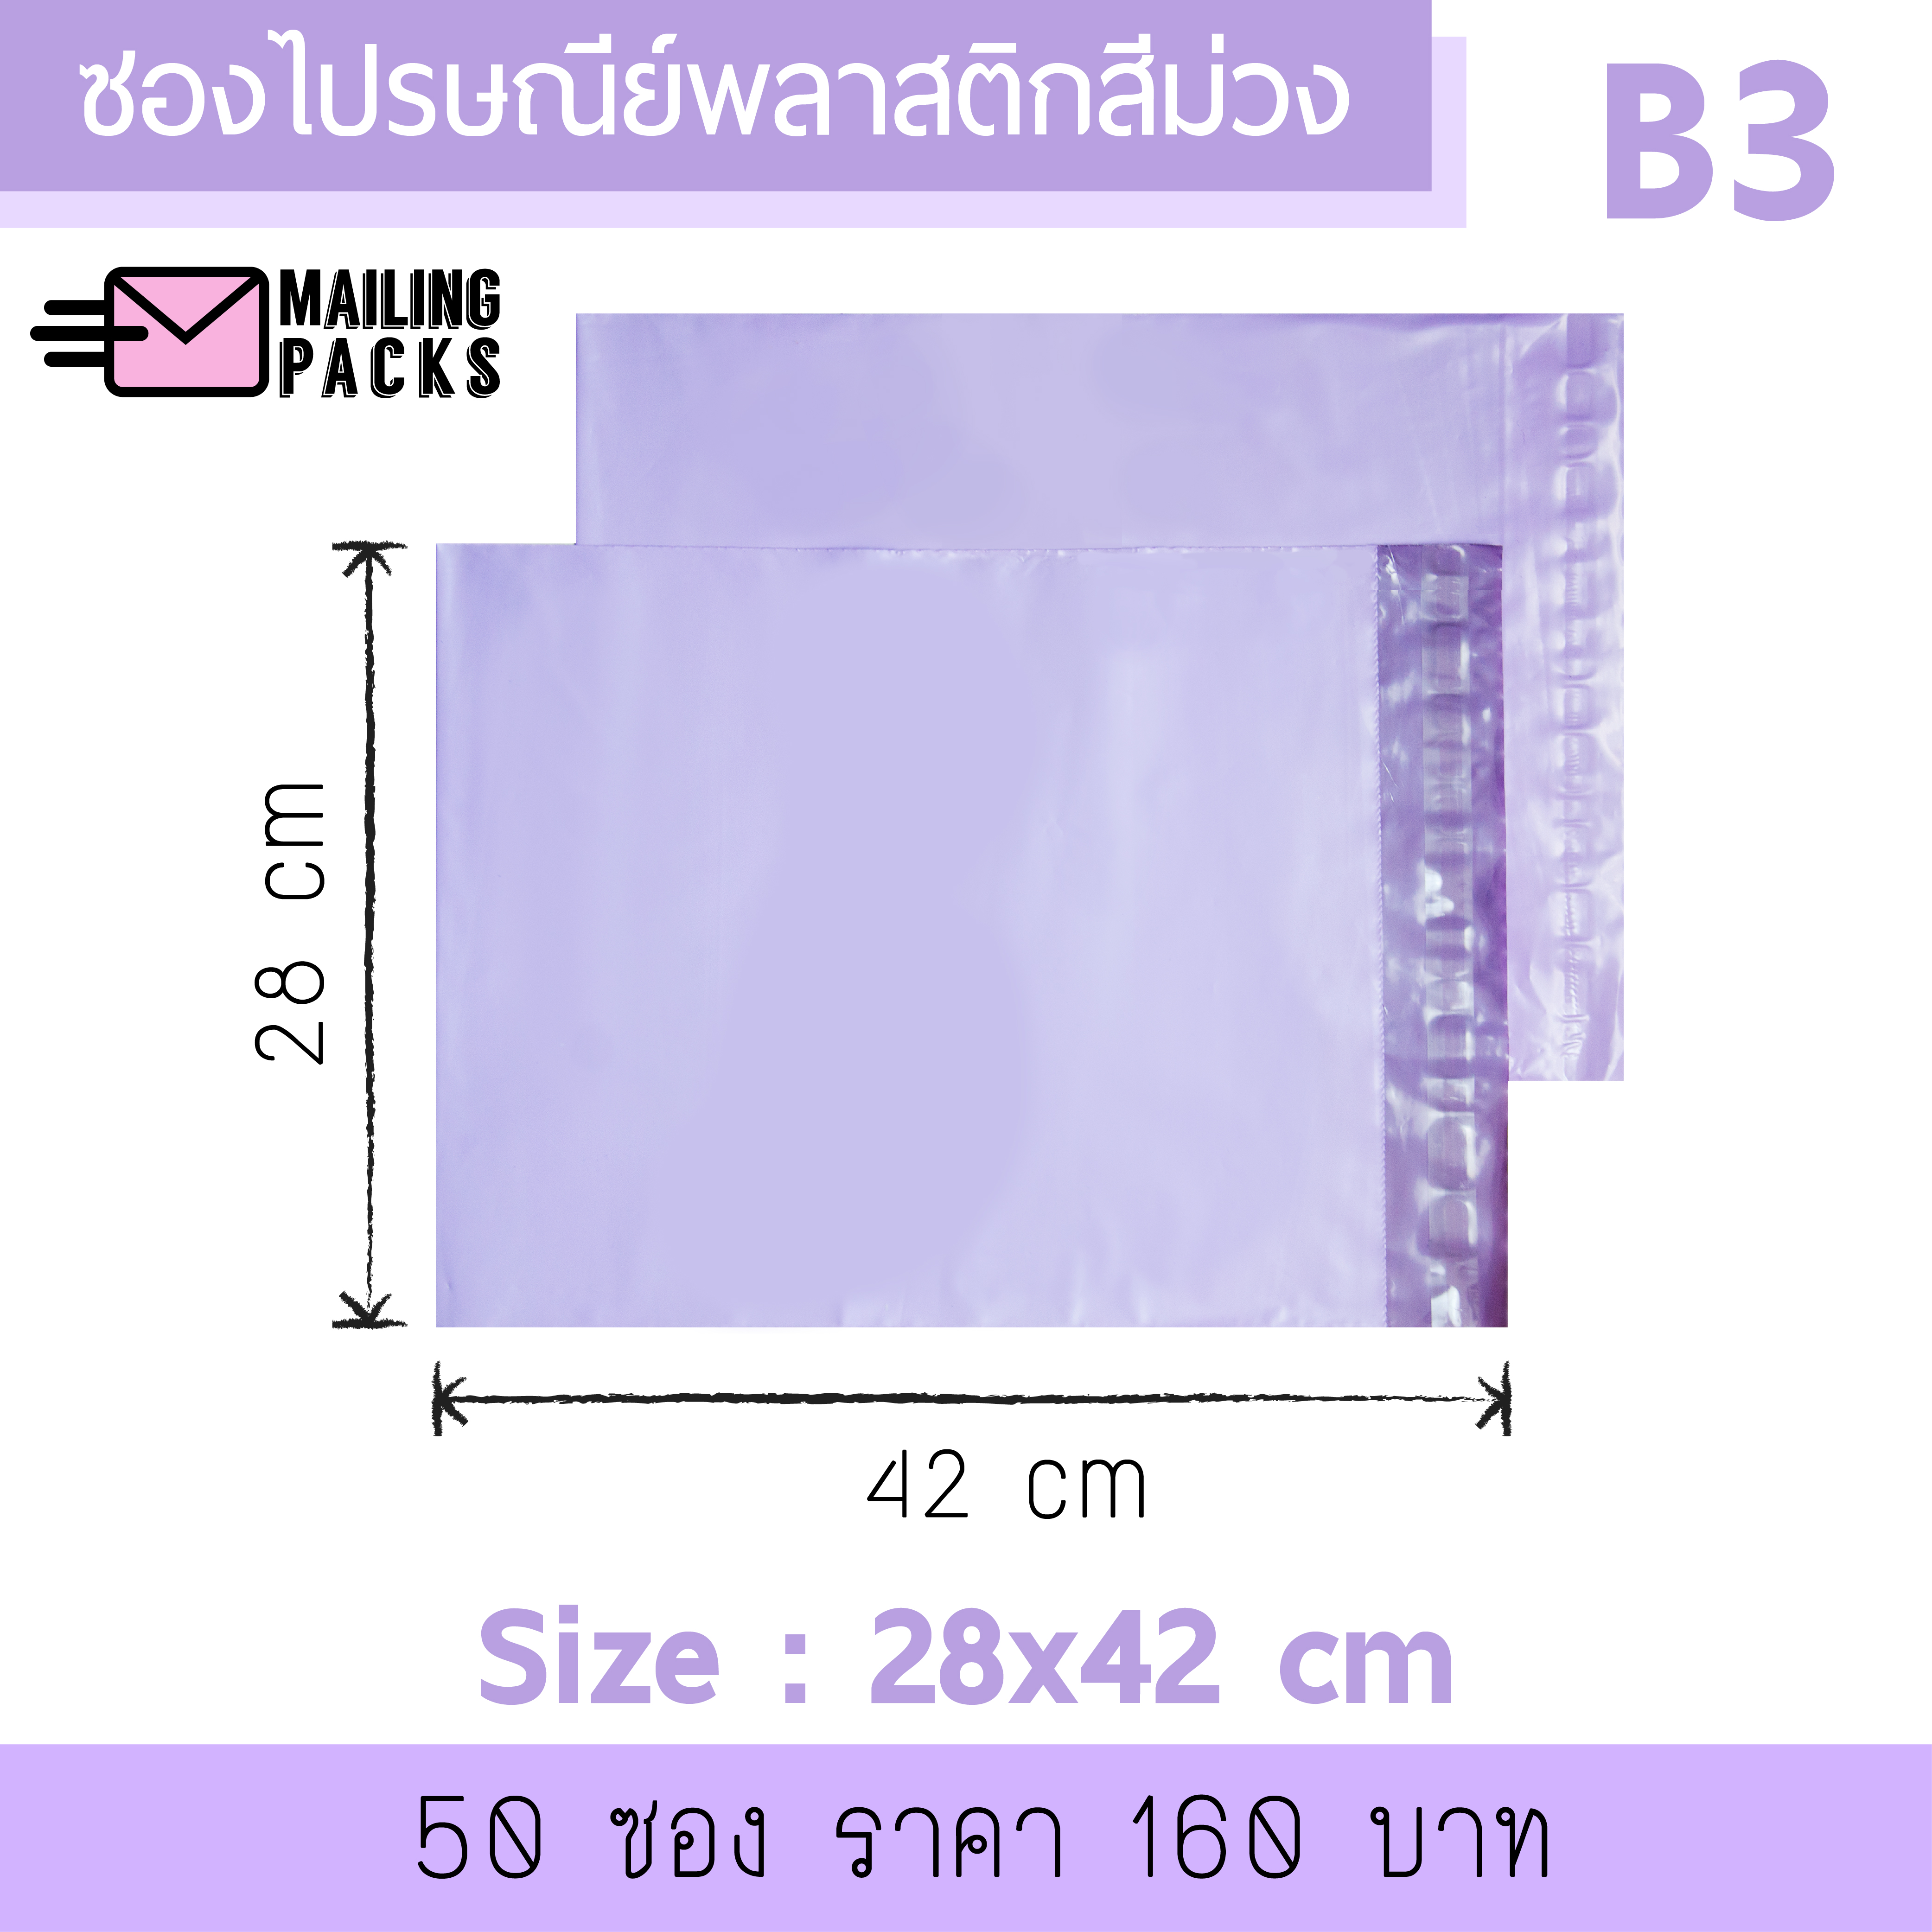 ซองไปรษณีย์พลาสติก สีม่วง พาสเทล B3 : 28*42 cm. (50 ซอง)